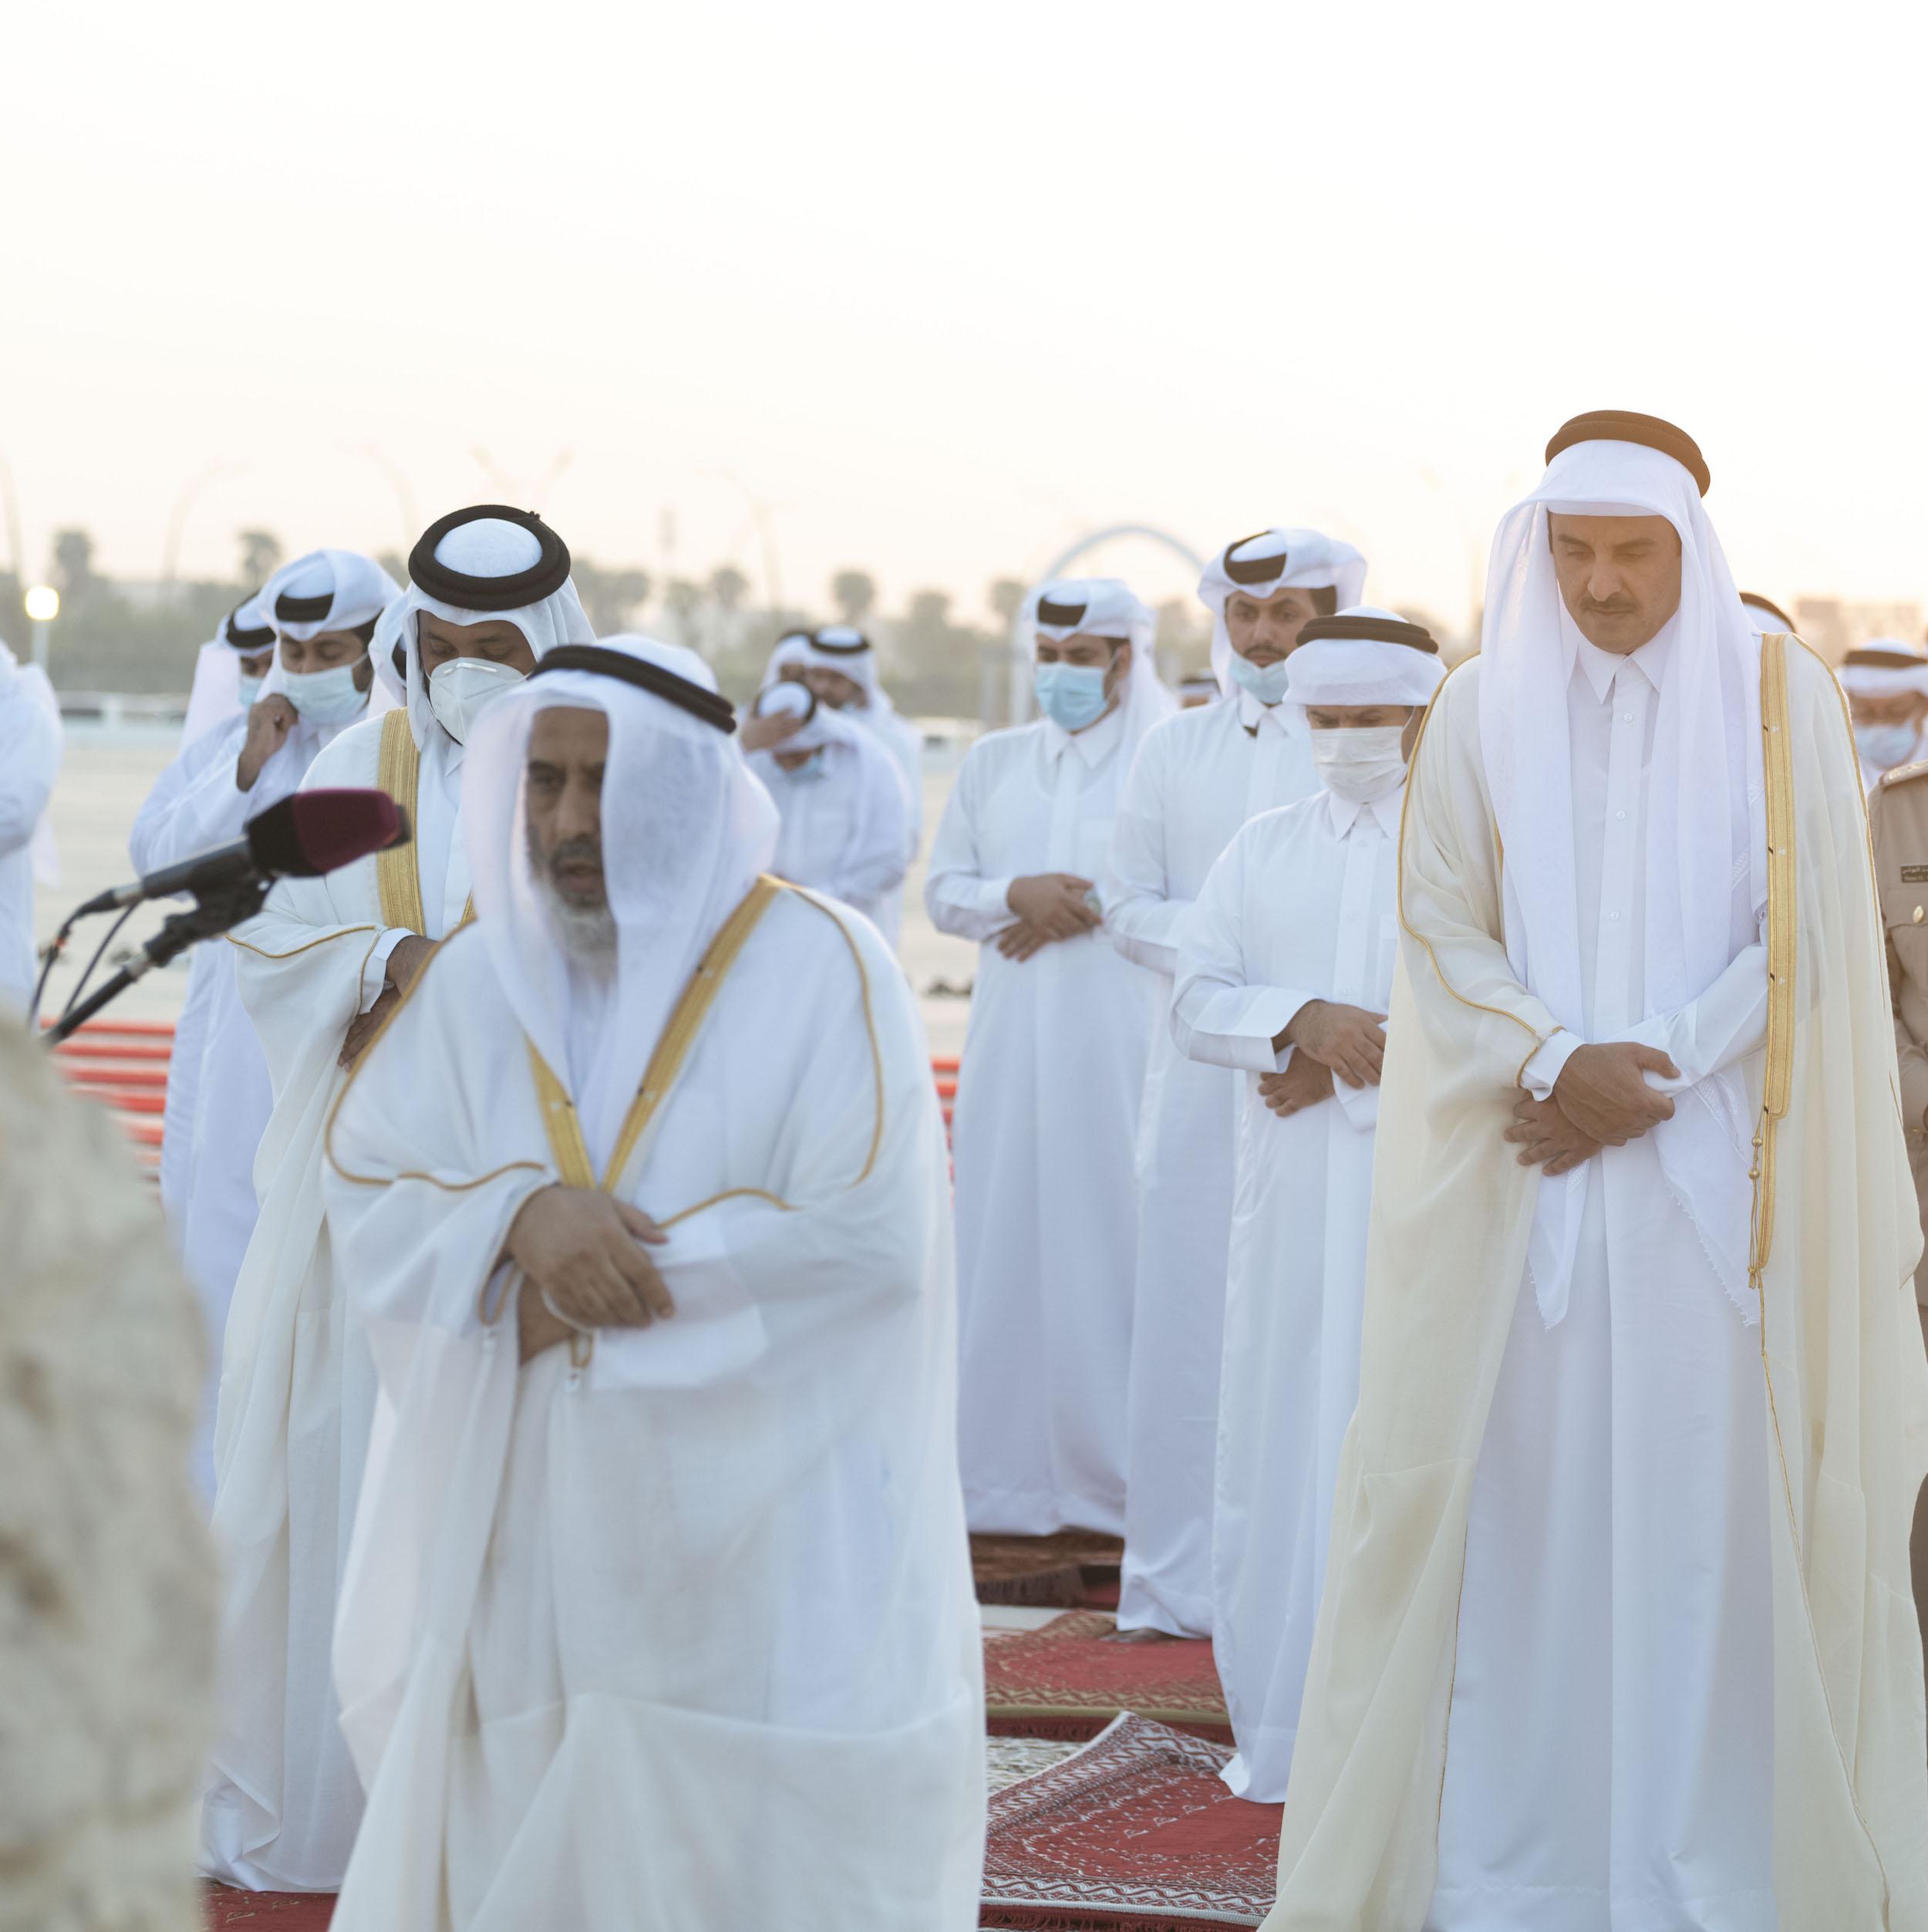 HH the Amir to Perform Eid Al-Adha Prayer Tomorrow